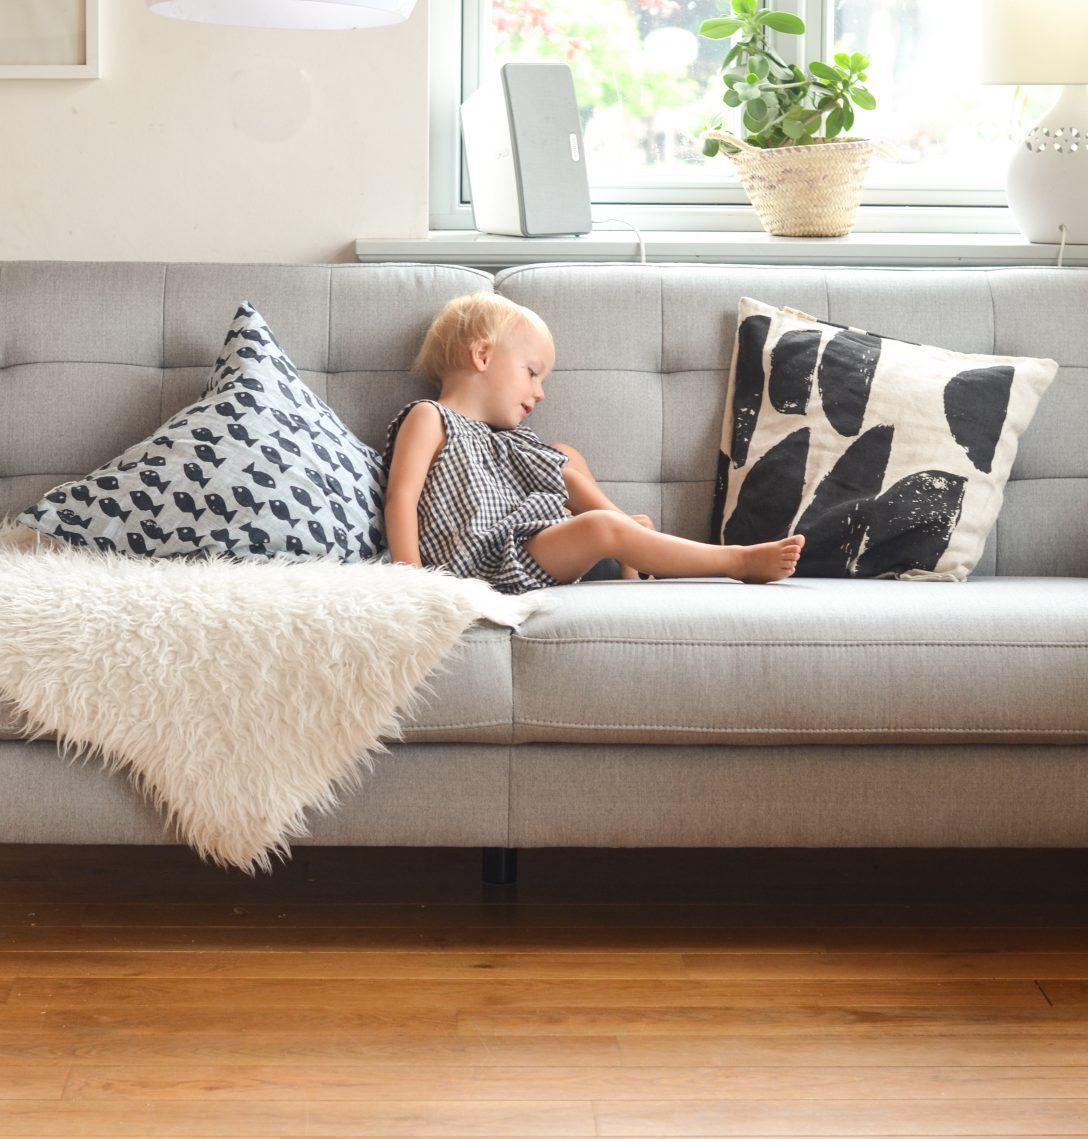 Large Size of Ein Neues Sofa Enthlt Werbung Wasfrmich Chesterfield Luxus Aus Matratzen Rolf Benz Le Corbusier Weißes W Schillig Wk Cognac Barock Mega Jugendzimmer Big Sofa überwurf Sofa